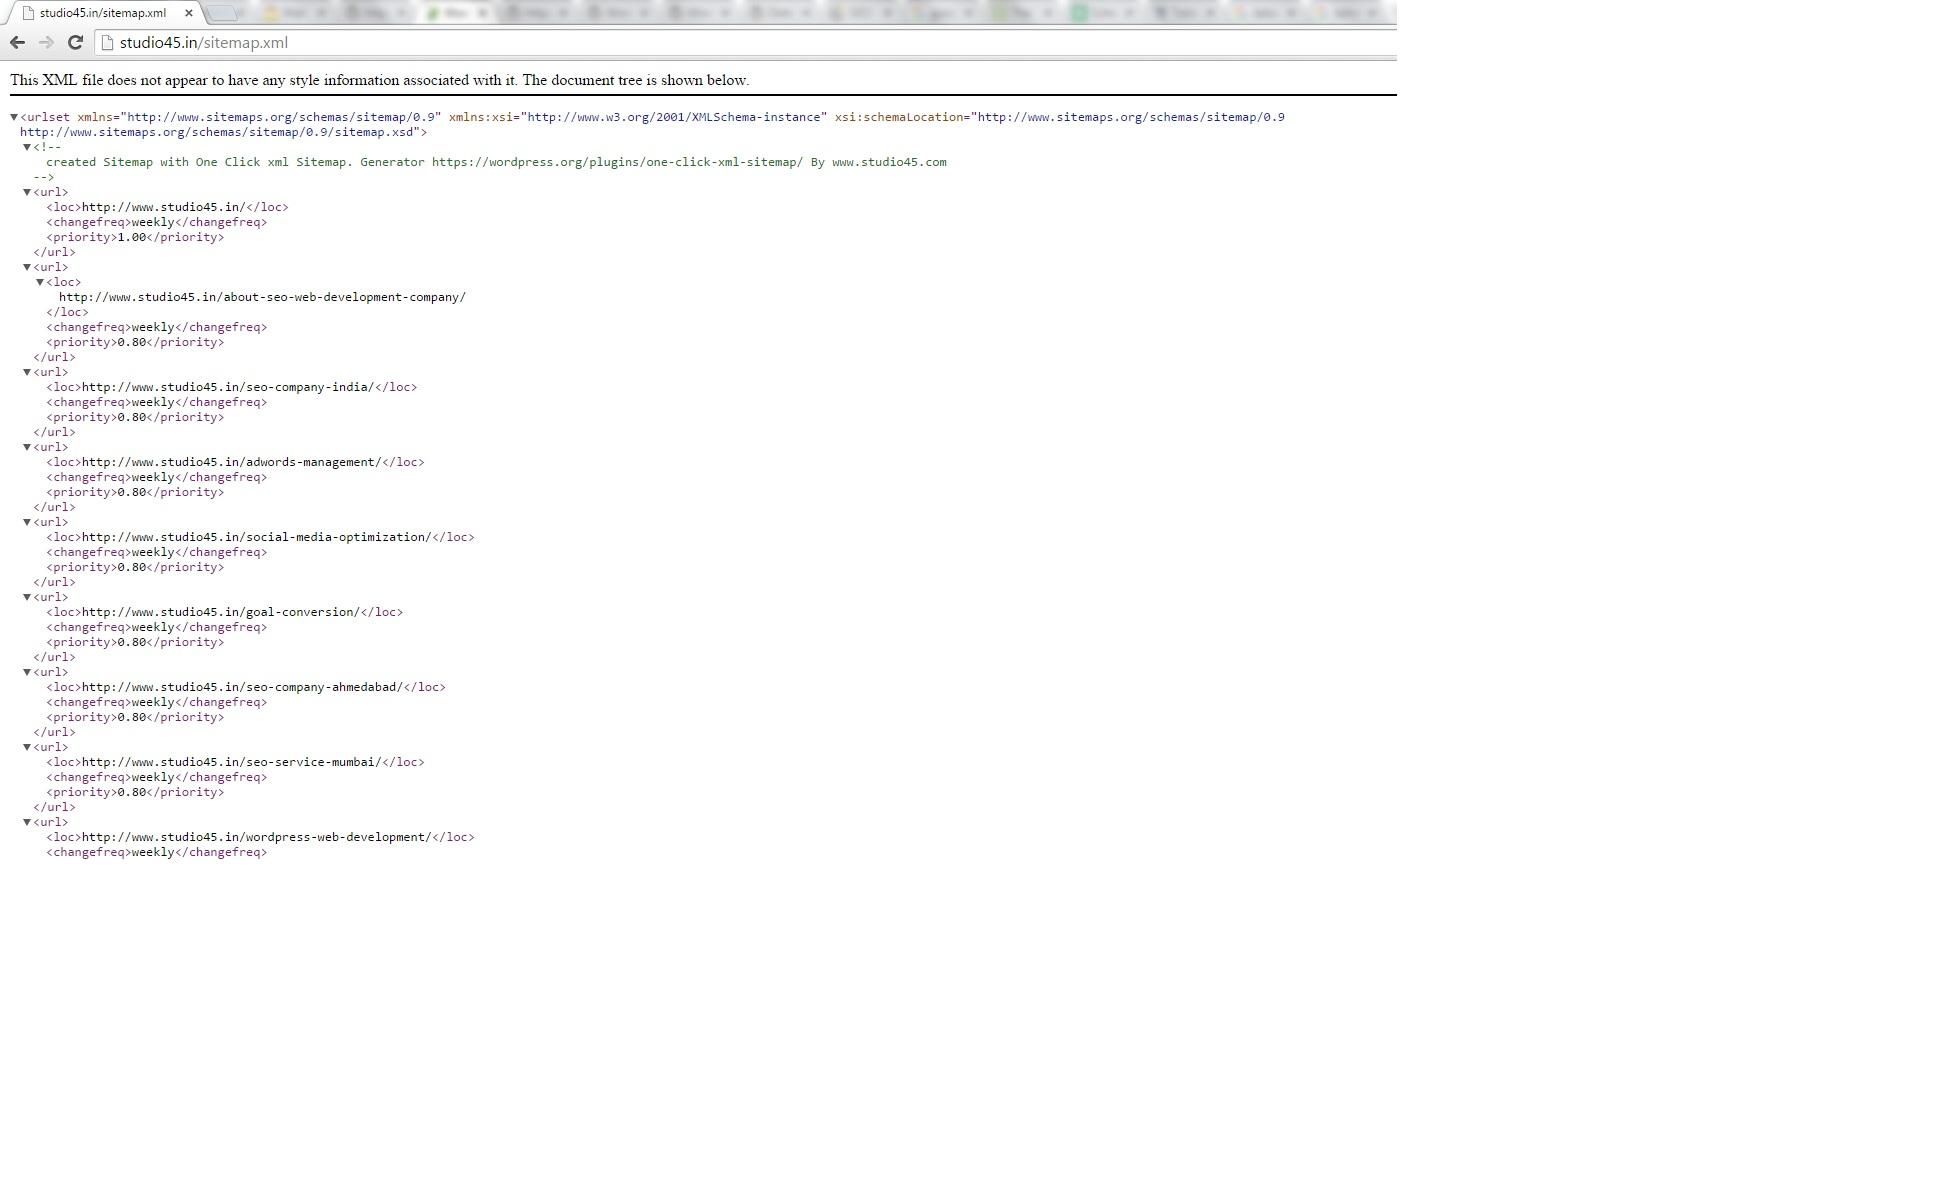 screenshot 1 png rev